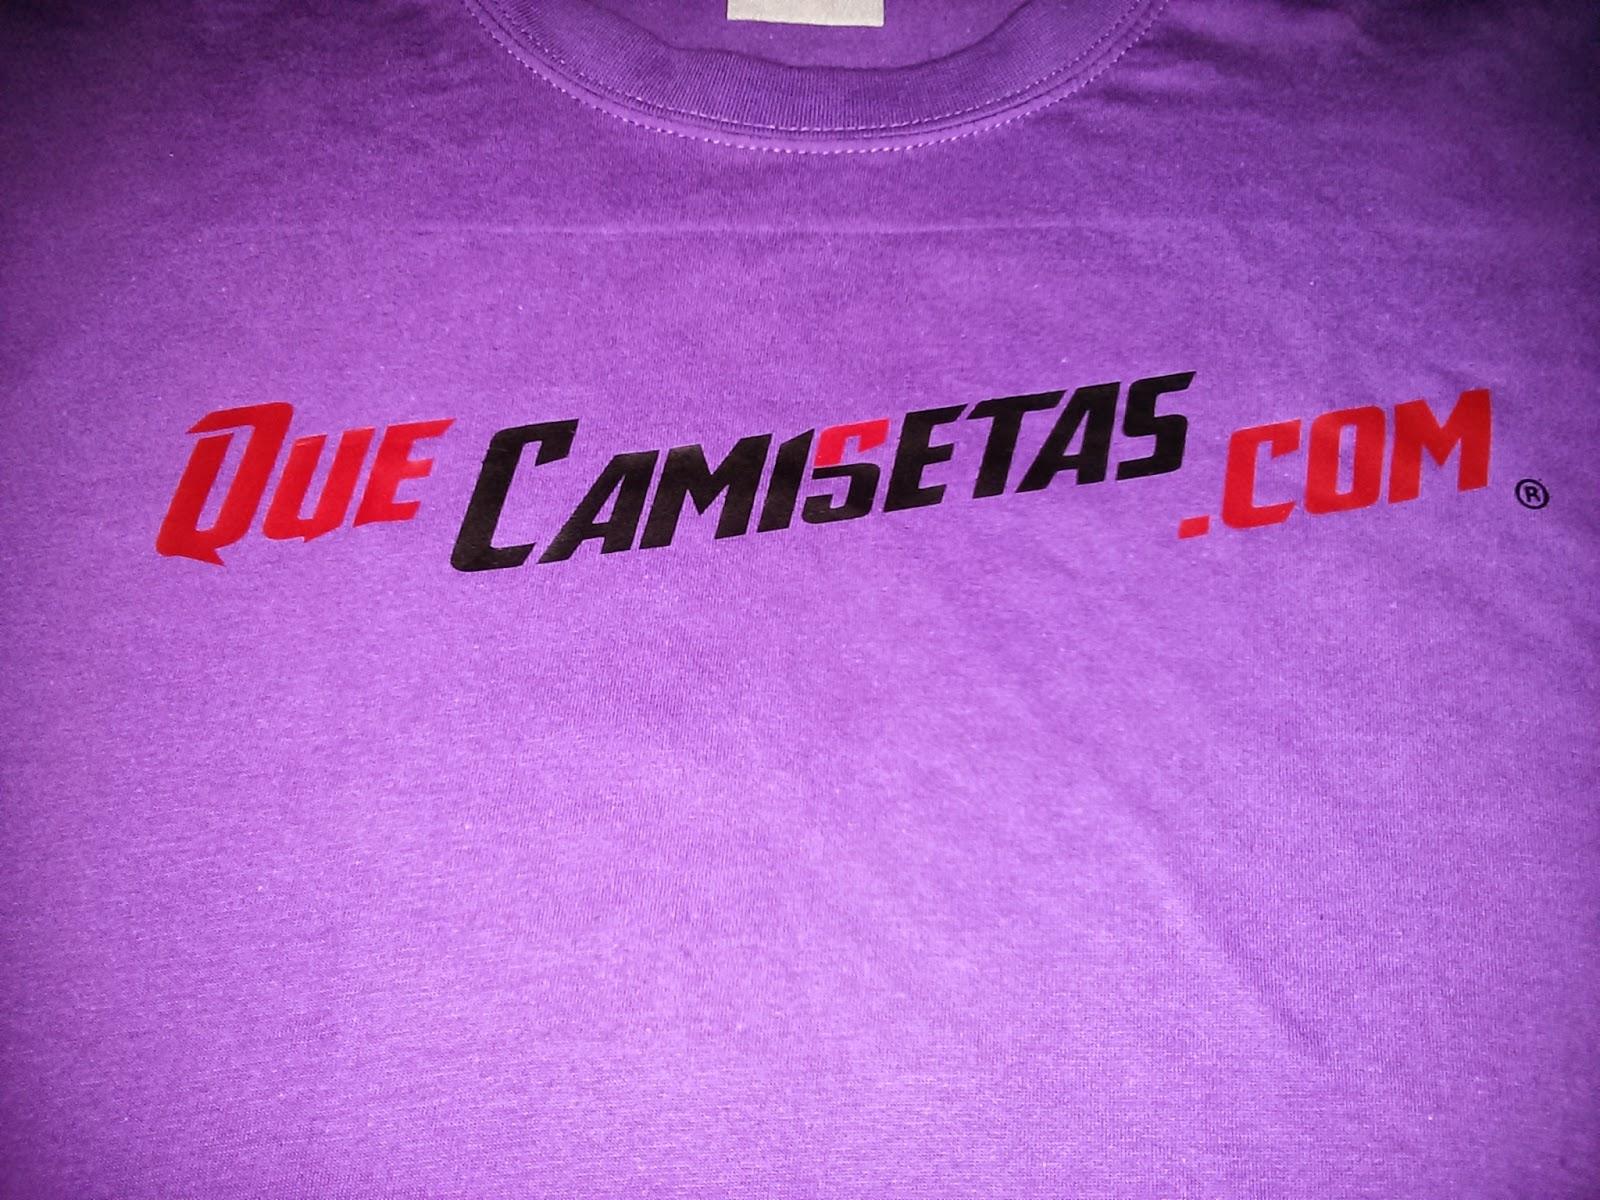 QueCamisetas.com